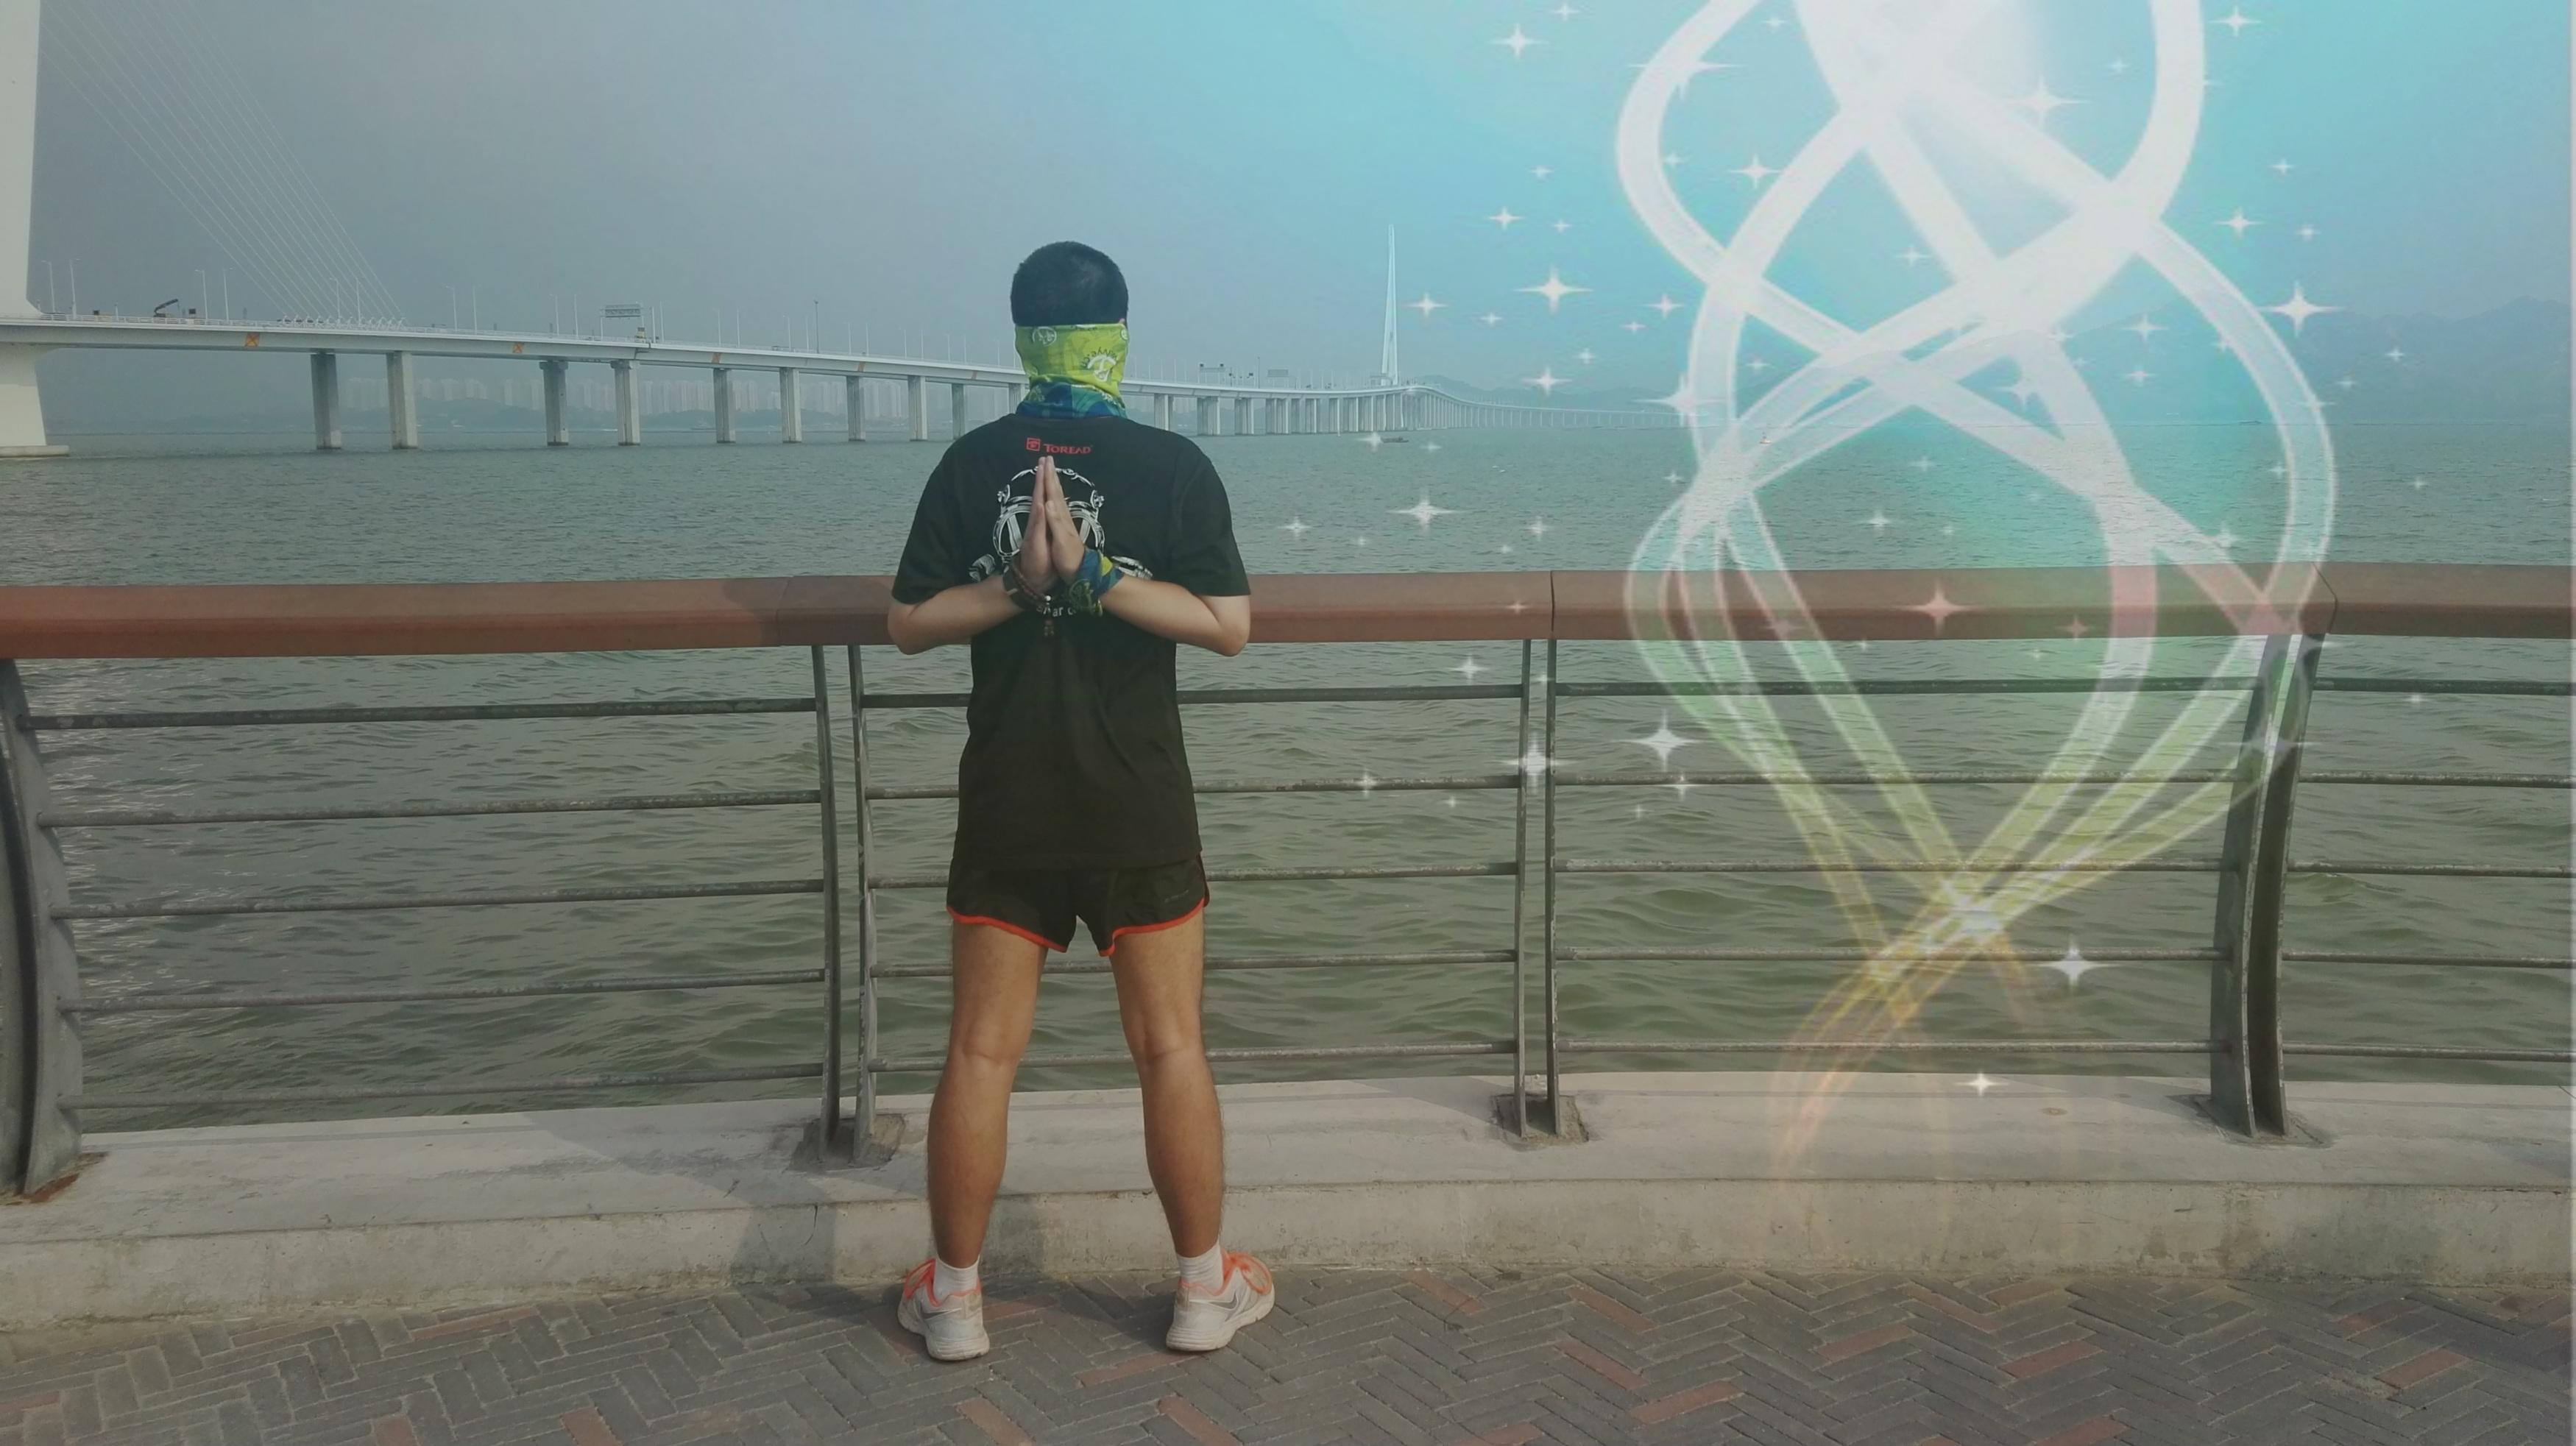 深圳湾公路大桥